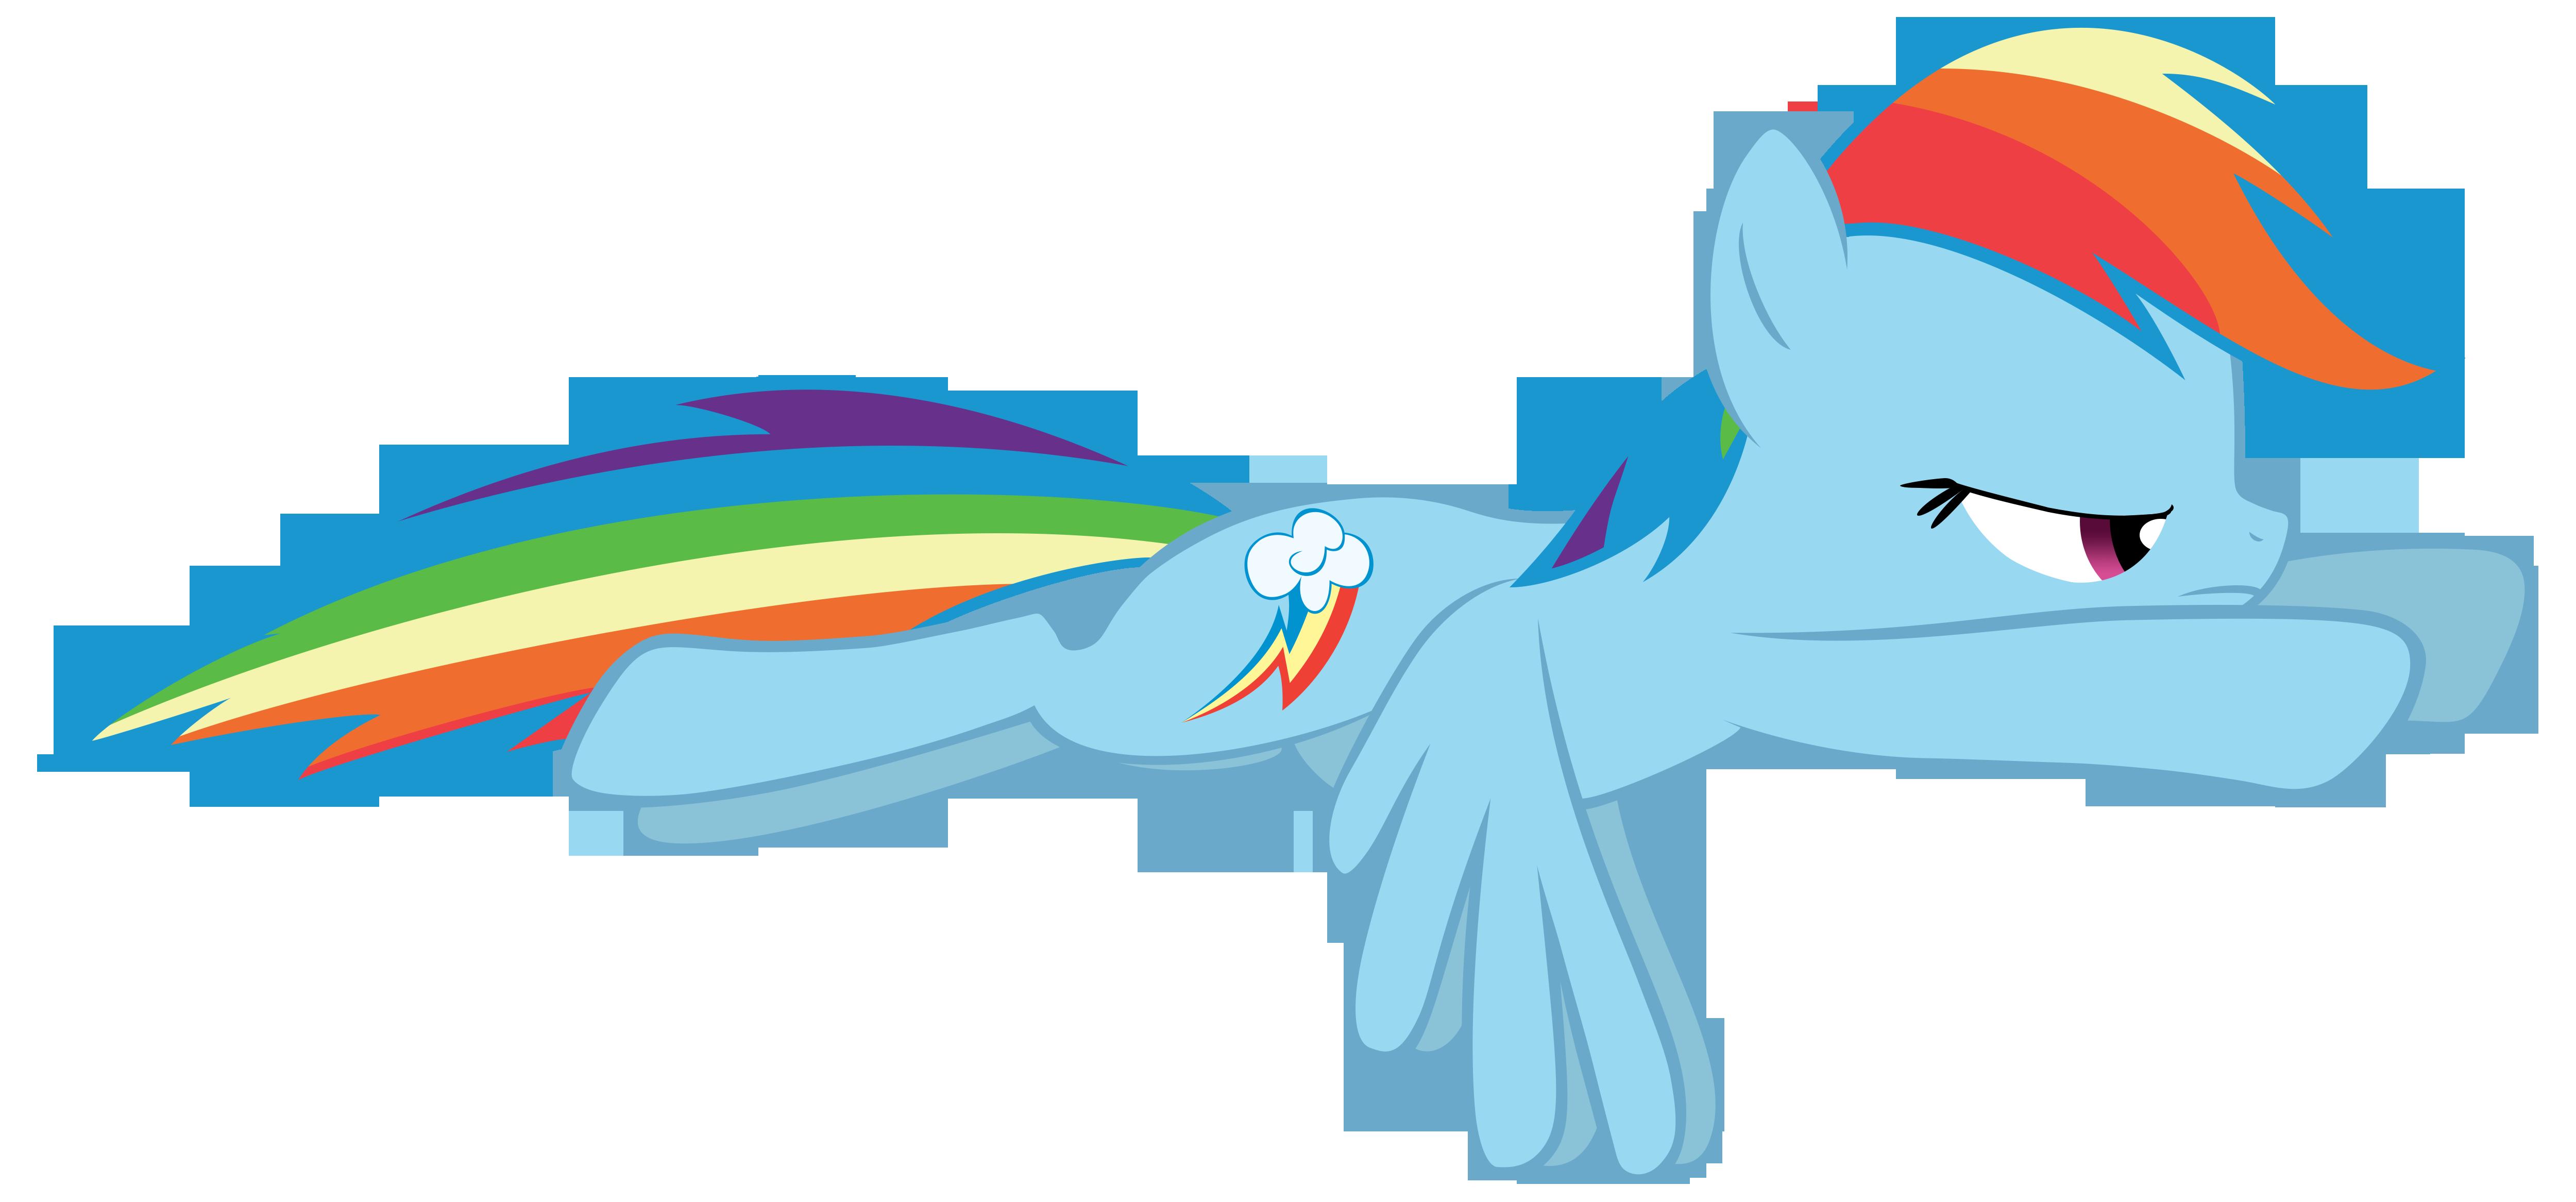 Rainbow dash flying game rainbow dash flying 2 by